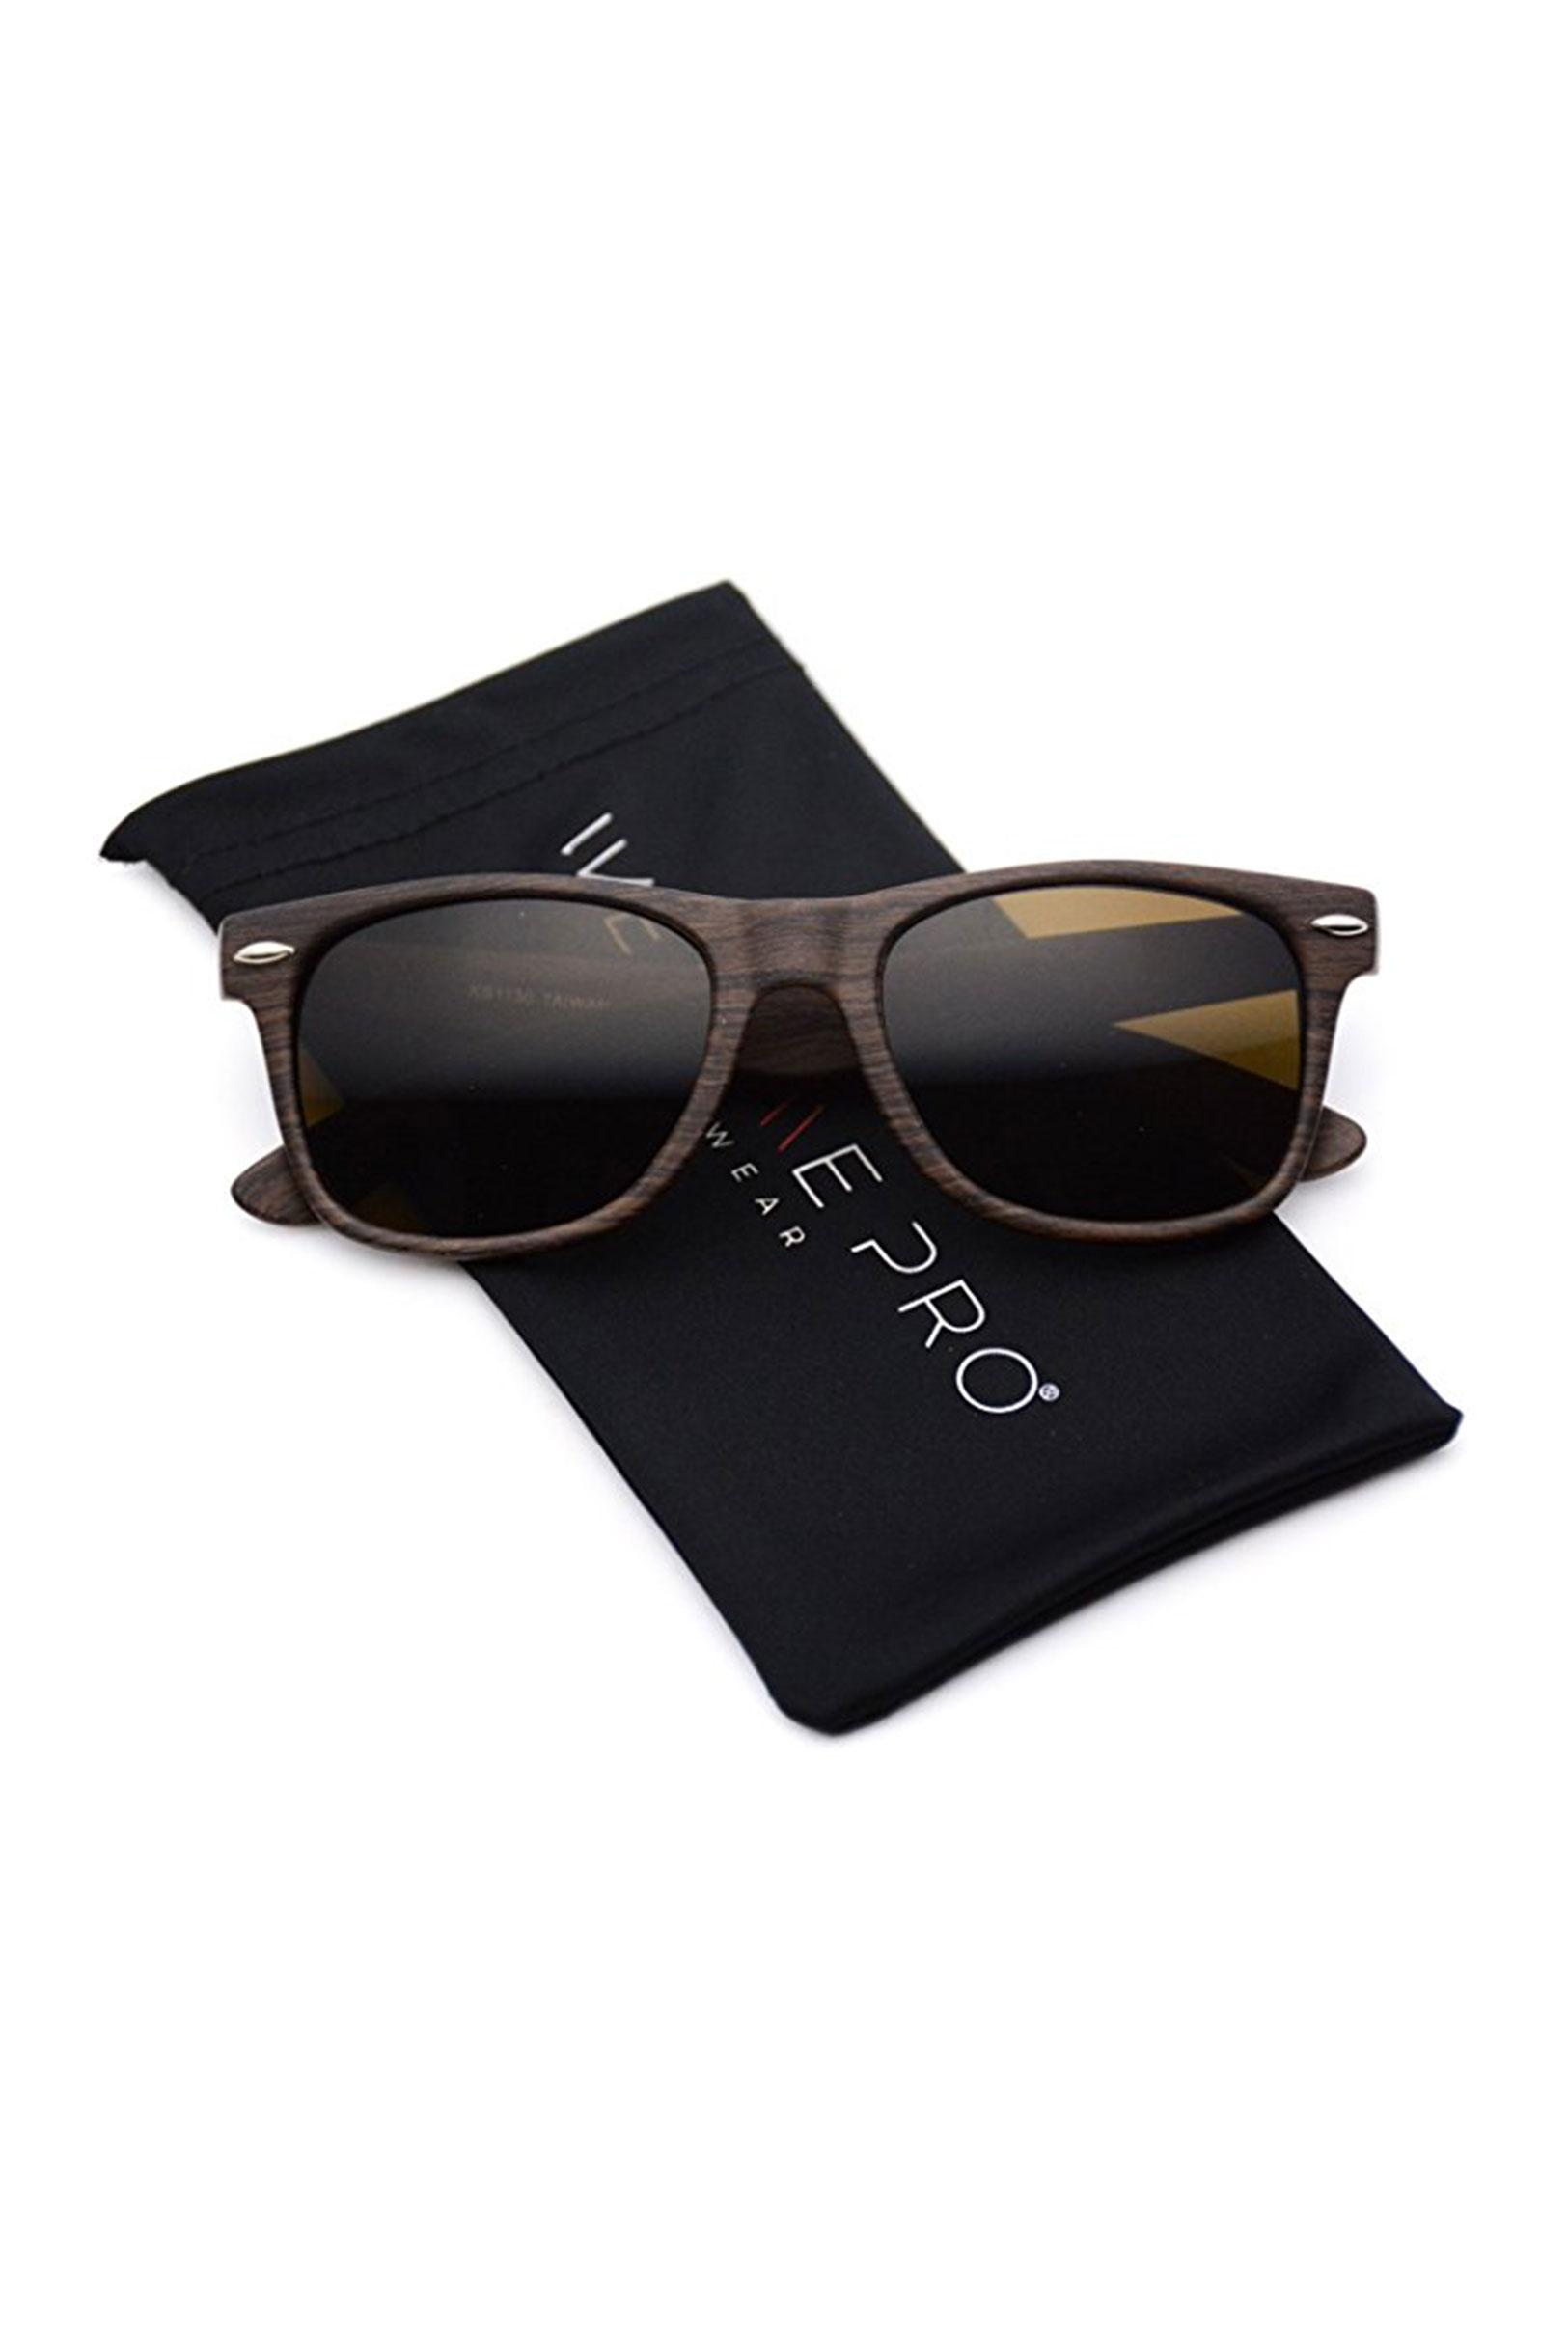 Horn-Rimmed-Sunglasses.jpg